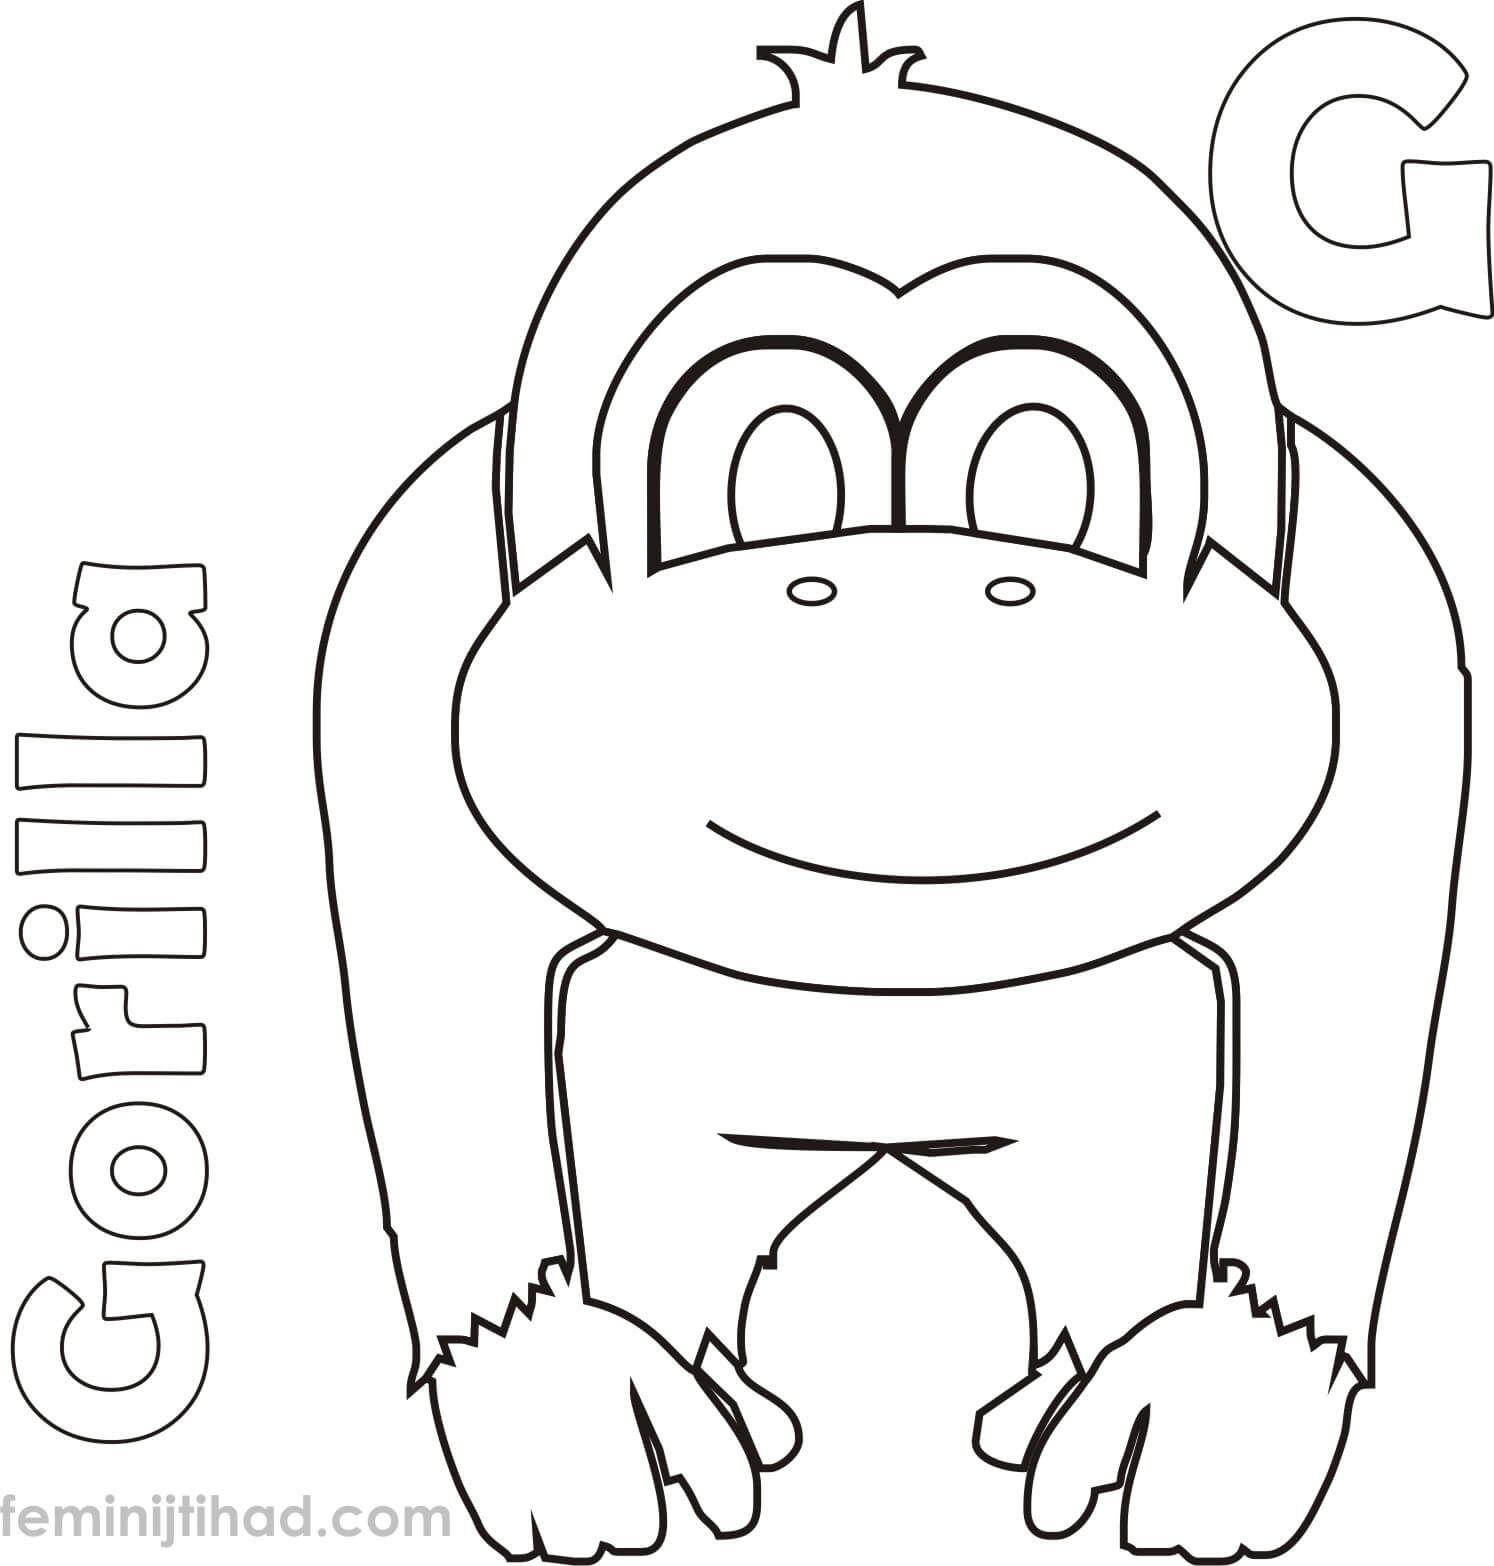 Gorilla Coloring Pages Printable (Dengan gambar)